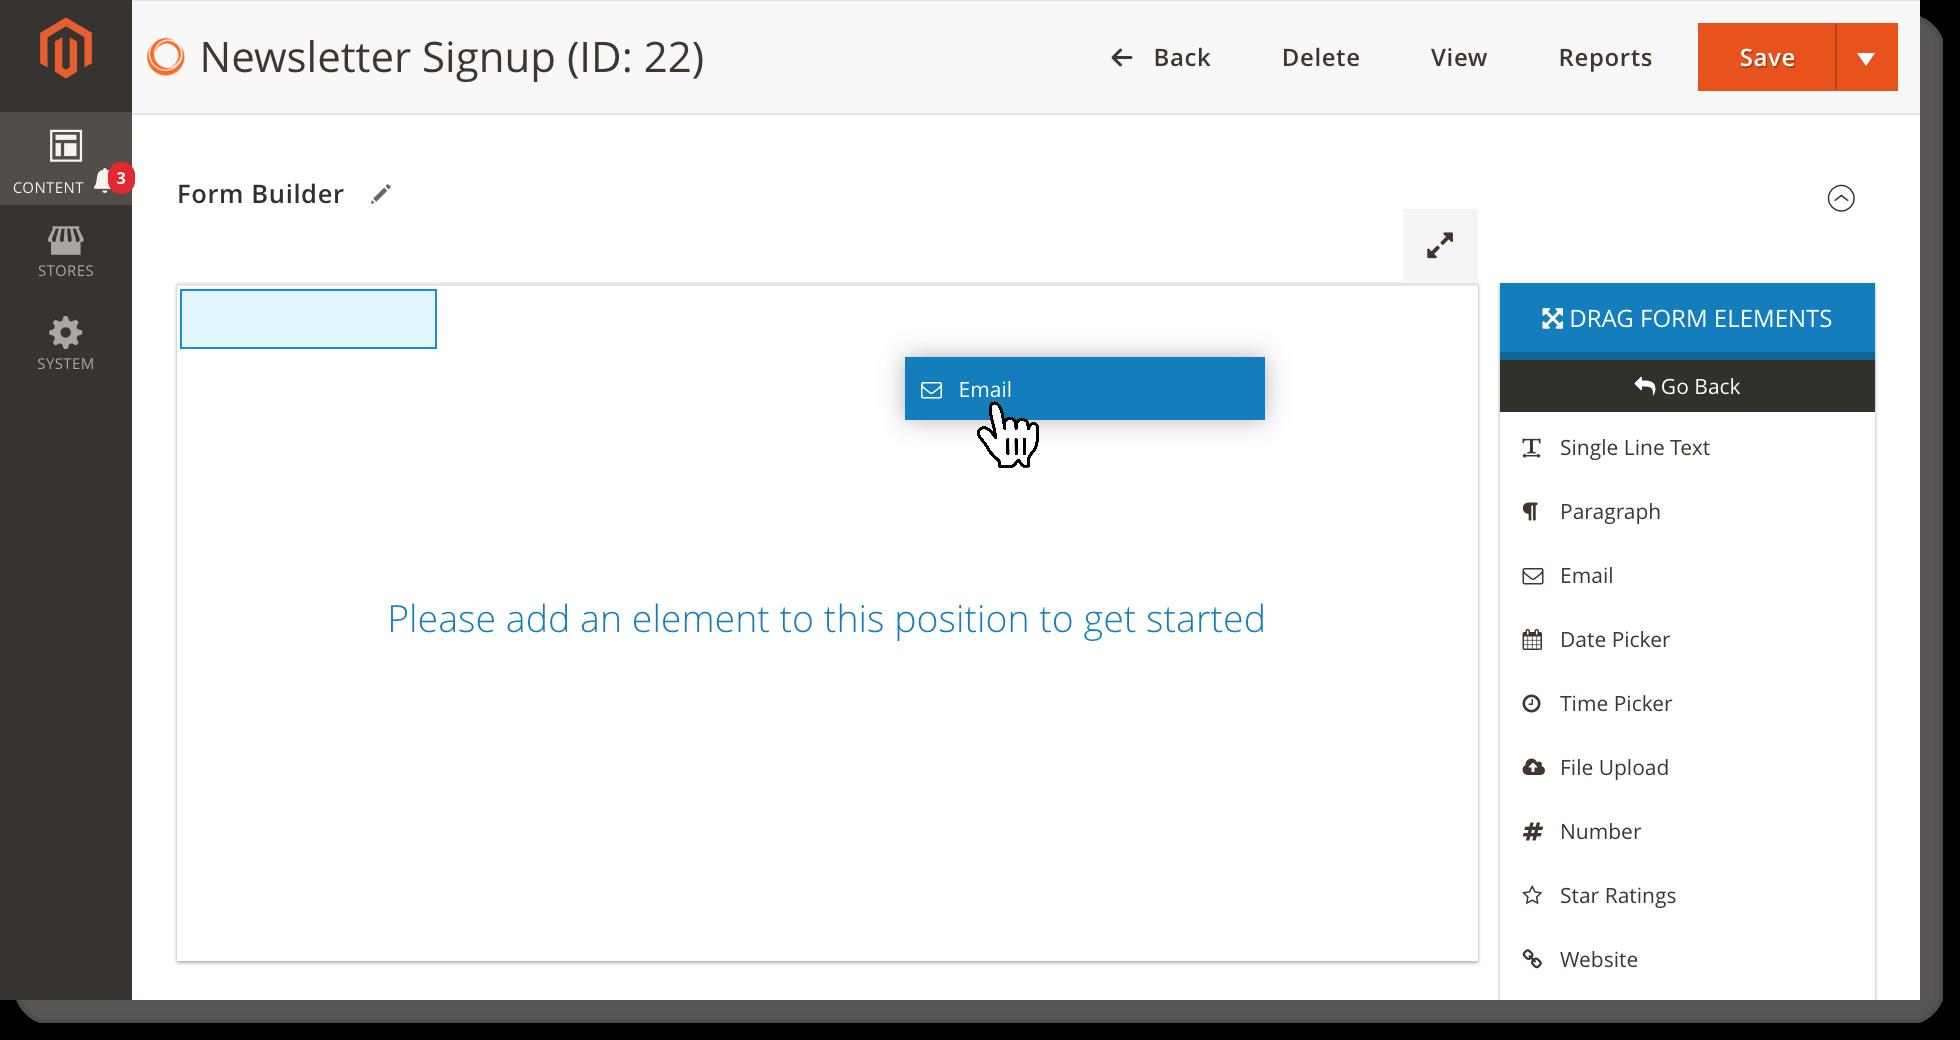 Newsletter signup form _ Drag n drop element